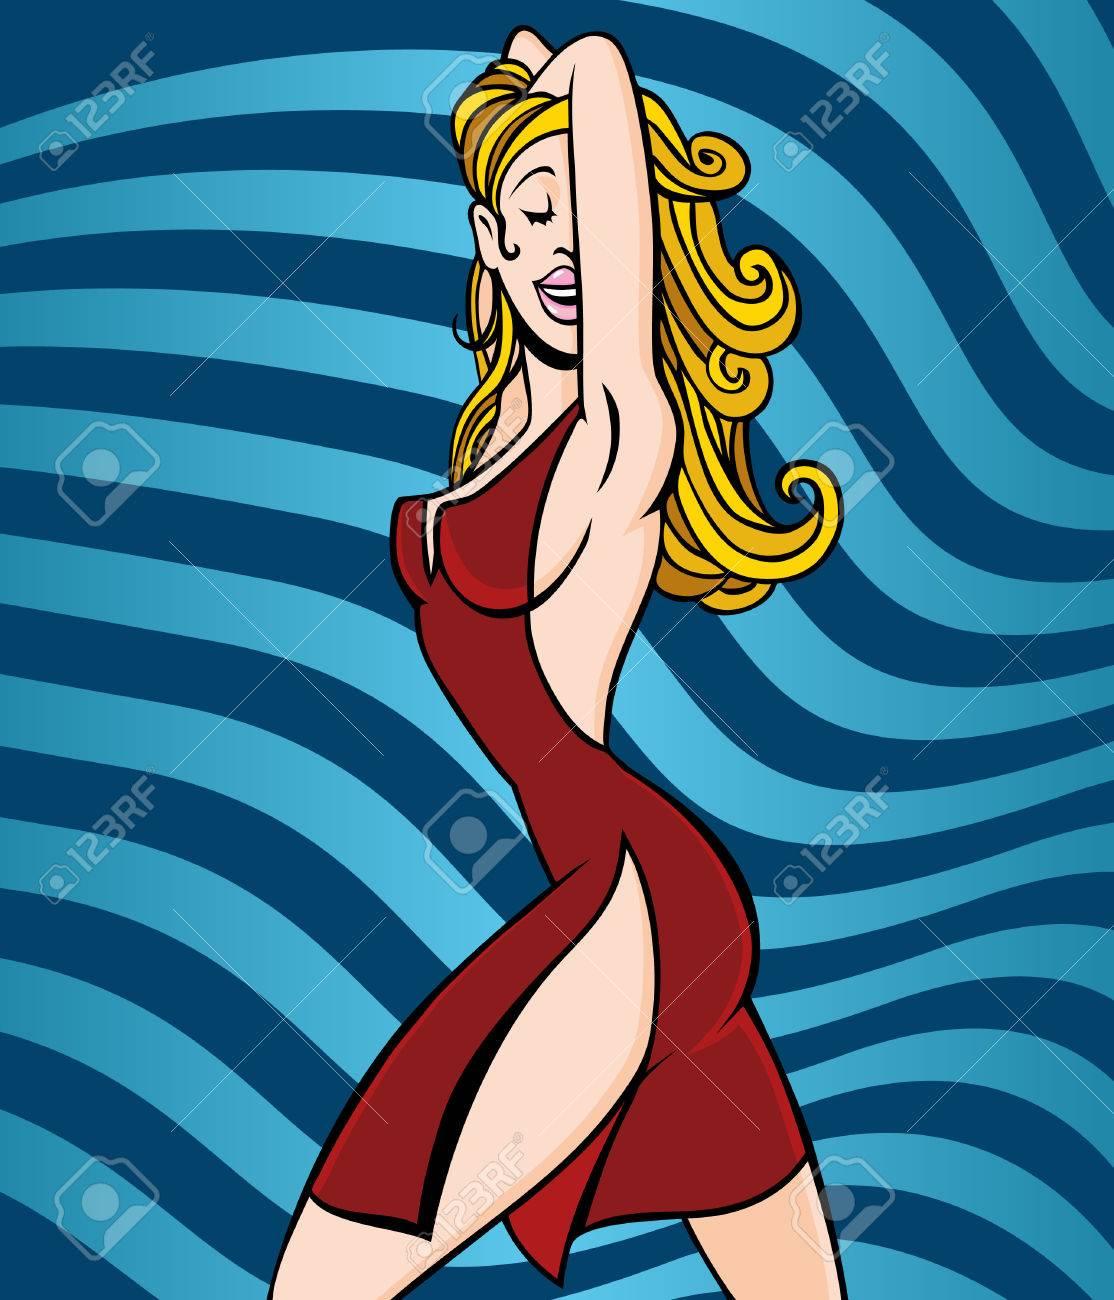 Caricatura de mujer vestida de rojo